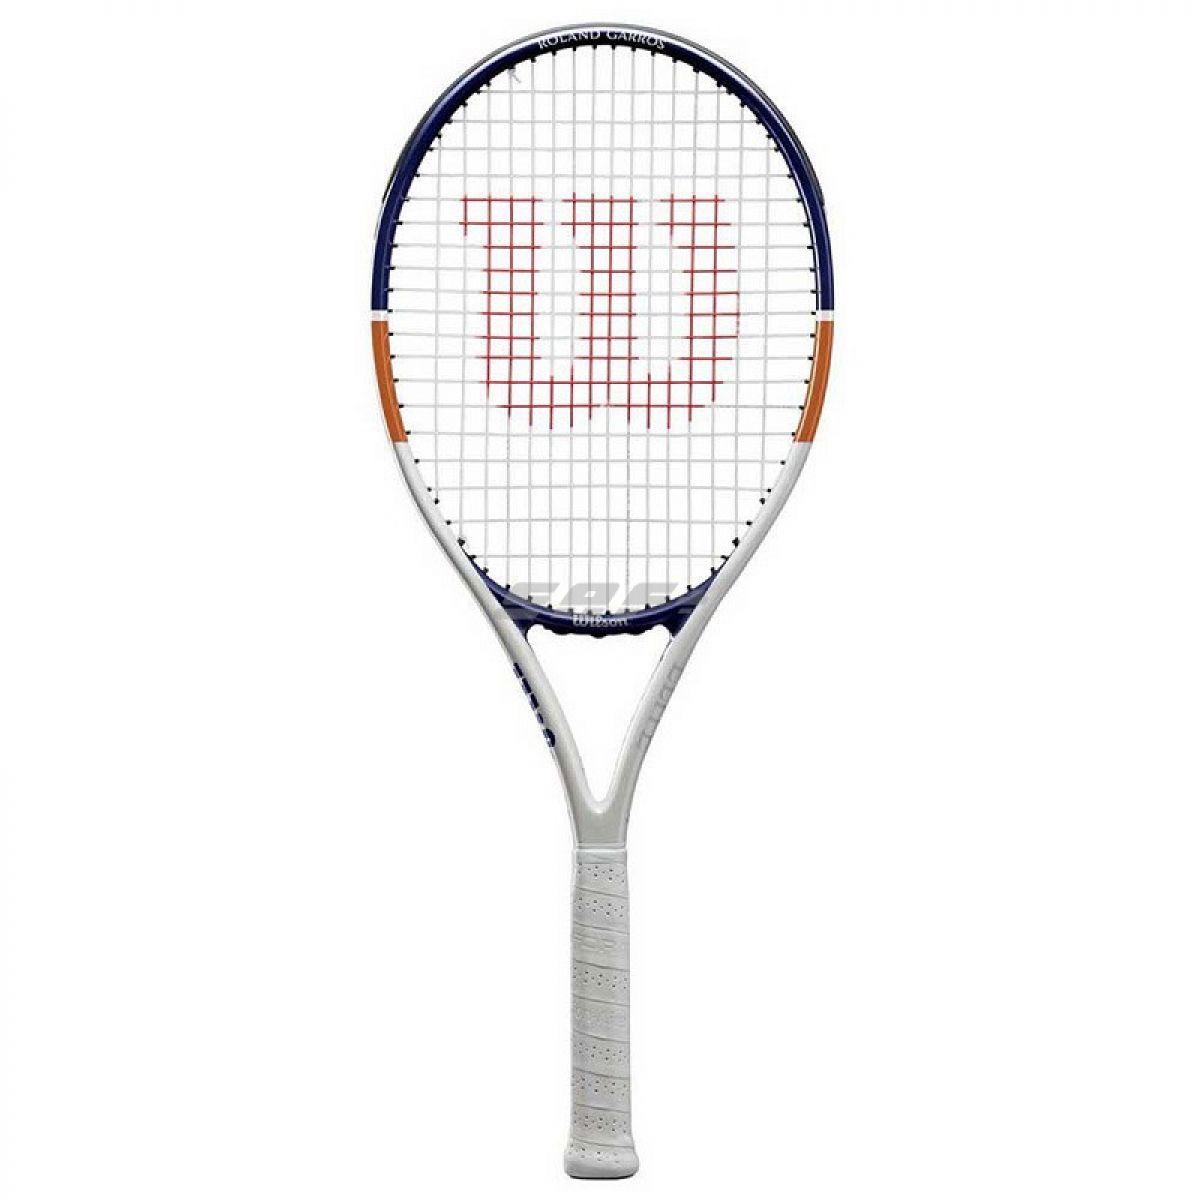 Ракетка теннисная Ракетка б/т Wilson Roland Garros Elite 21, арт. WR029610H, для 5-6 лет,алюминий,со струн, бел-син-ор